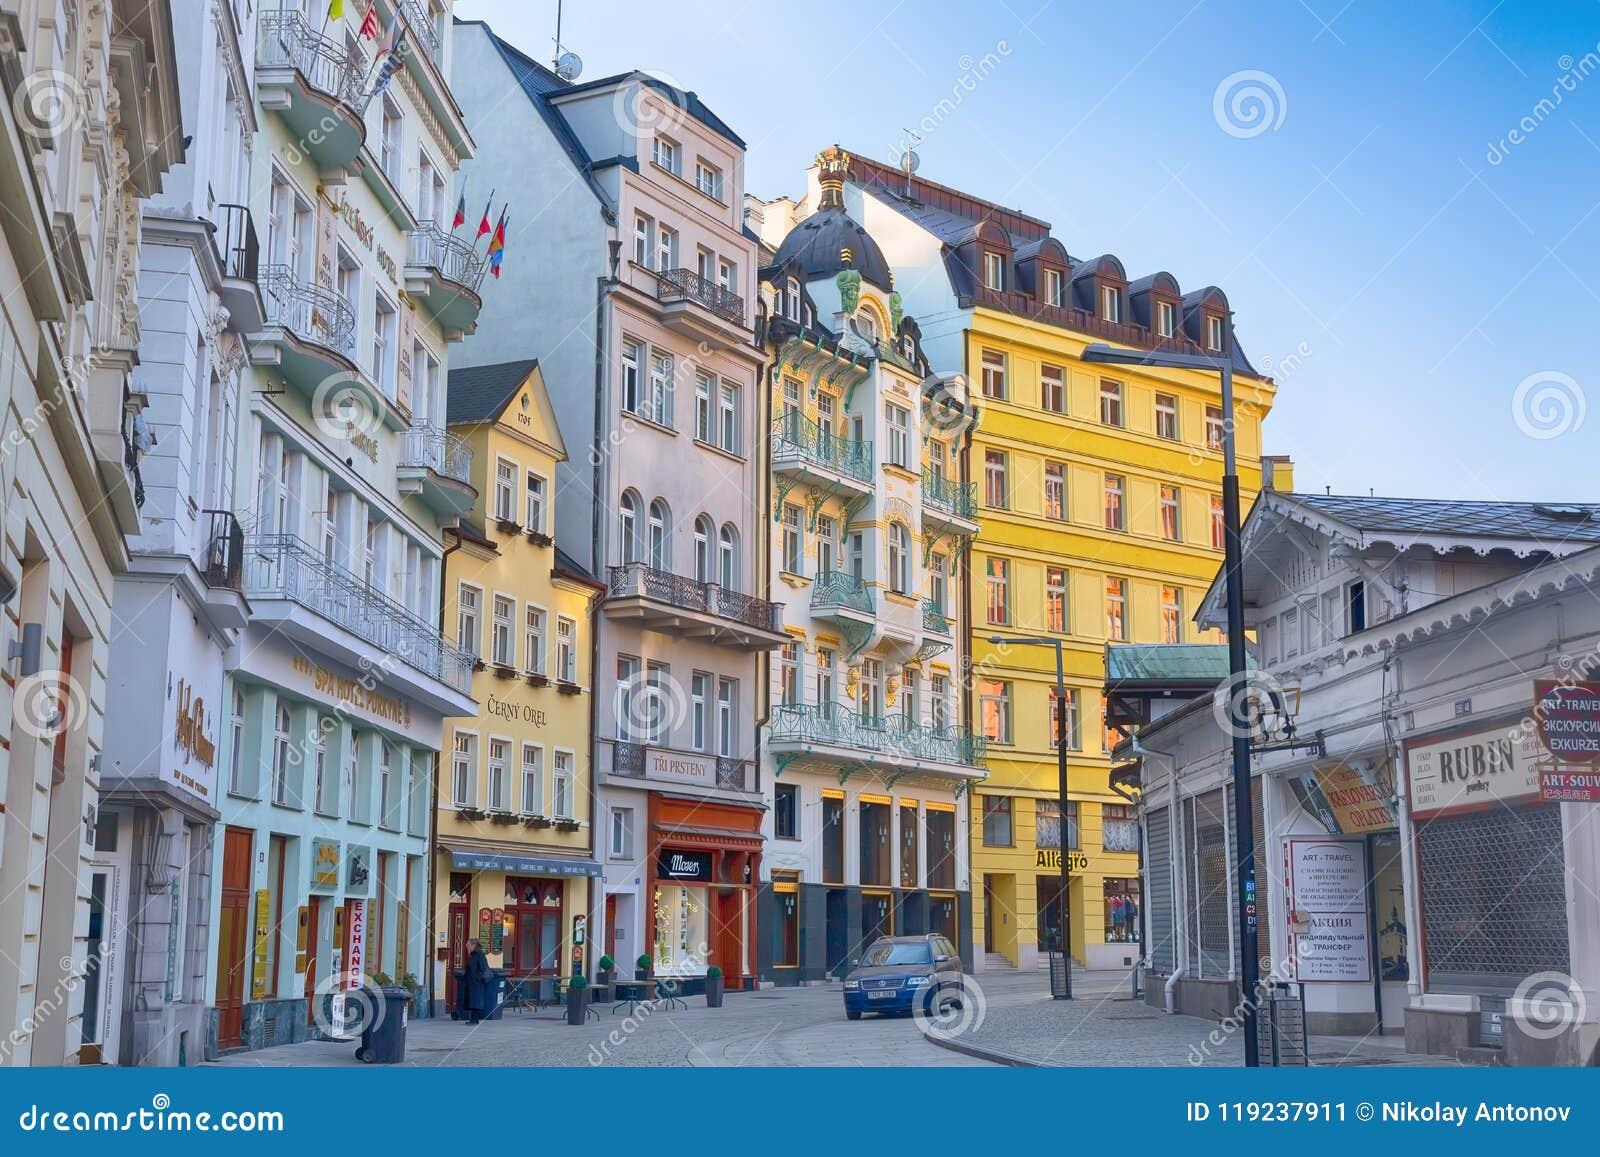 Karlovy Vary, Tschechische Republik - April 2018: Häuser im Stadtzentrum von Karlovy Vary während des Sonnenaufgangs Karlovy Vary